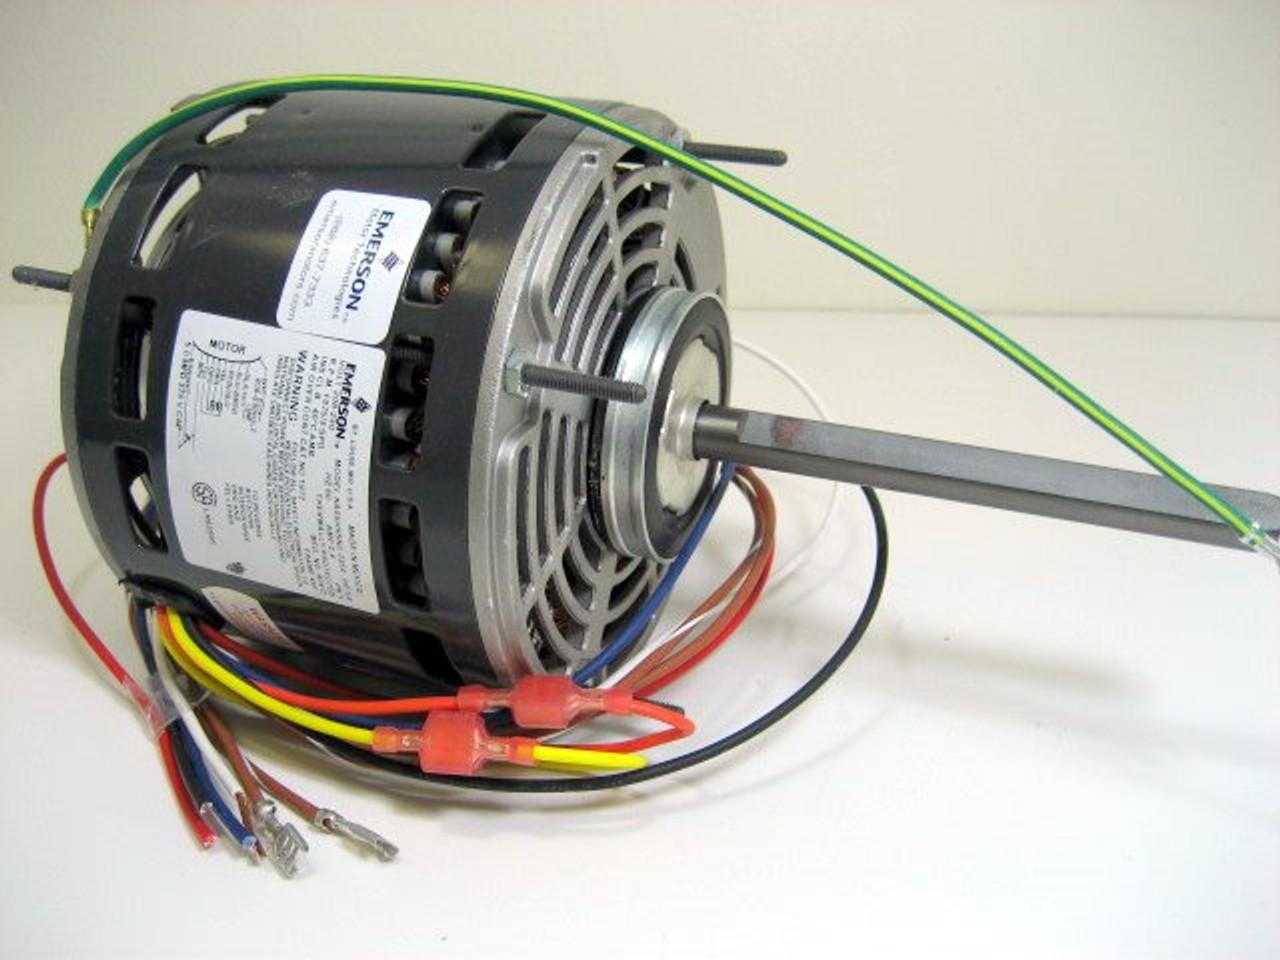 furnace blower motor 1 4 horse power 1075 rpm 115 volt eme1863 [ 1280 x 960 Pixel ]